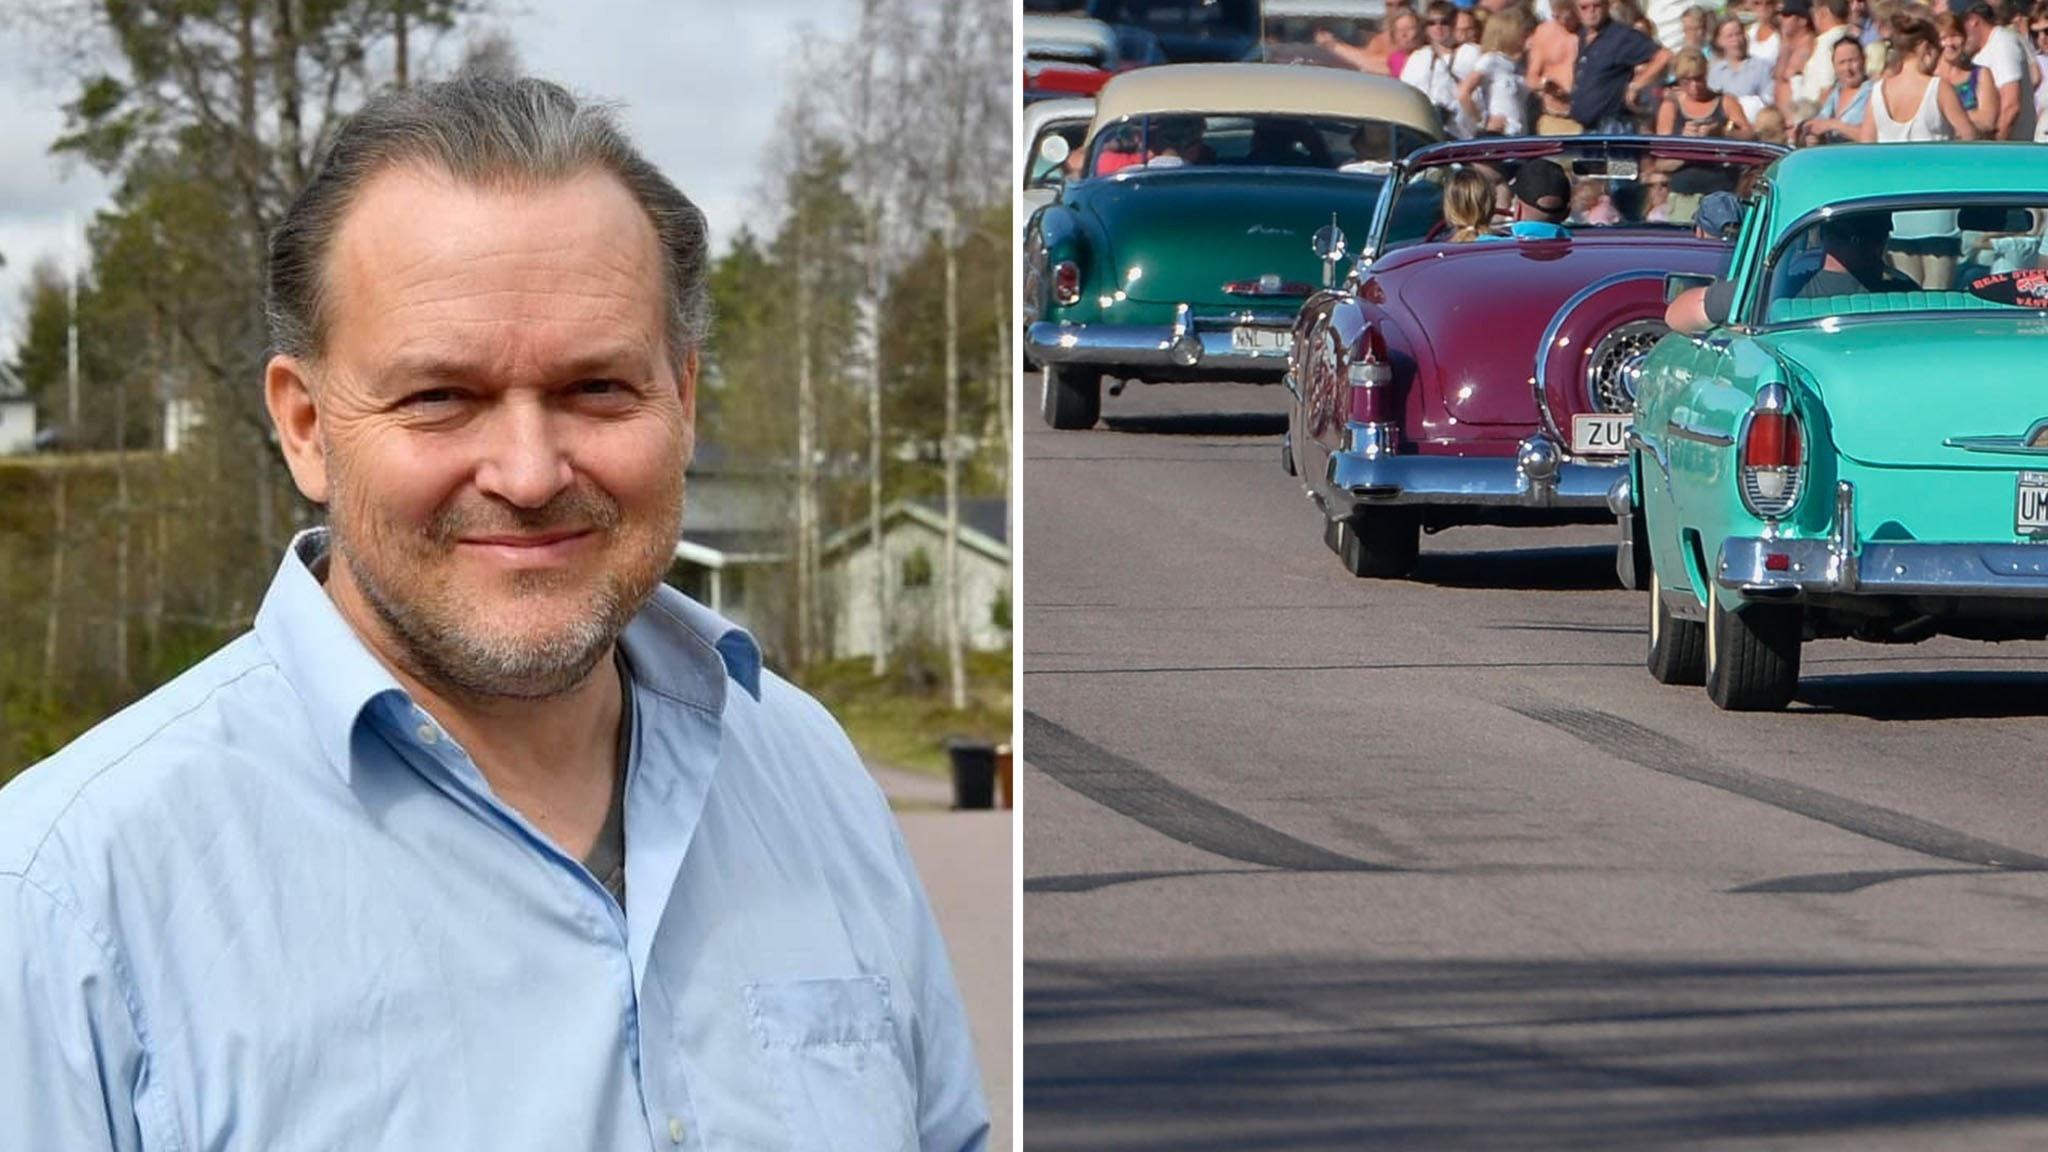 Oro för framtiden när Musik- och motorfestivalen ställs in igen